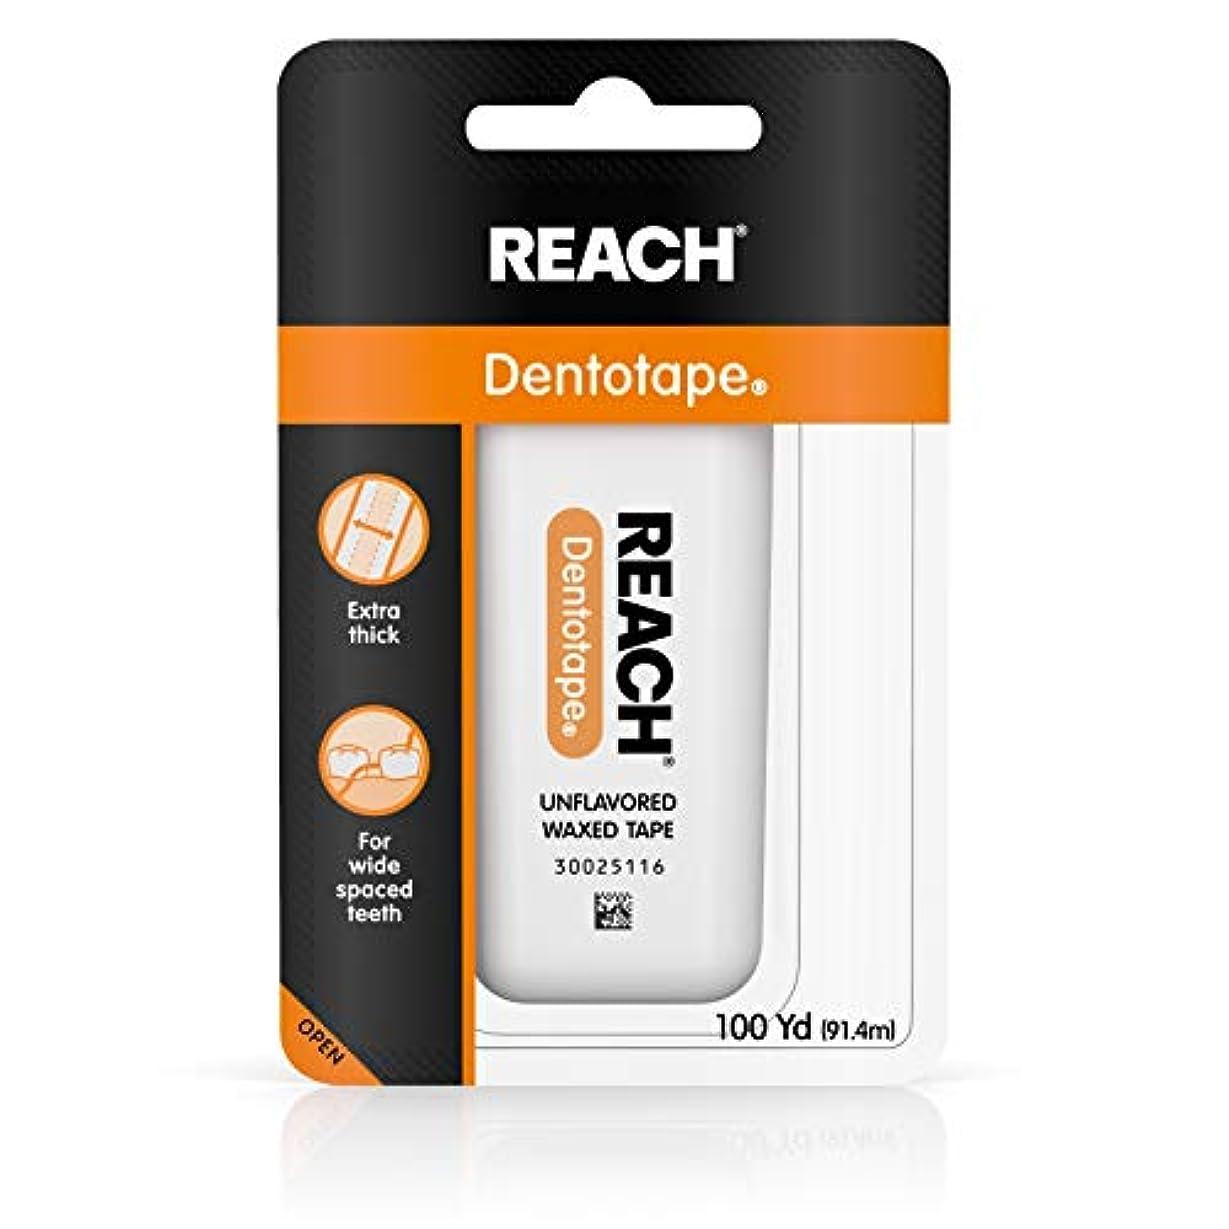 Reach DentoTAPE Waxed Ribbon Dental Floss, 100-Yard Dispensers 1個 (並行輸入品)